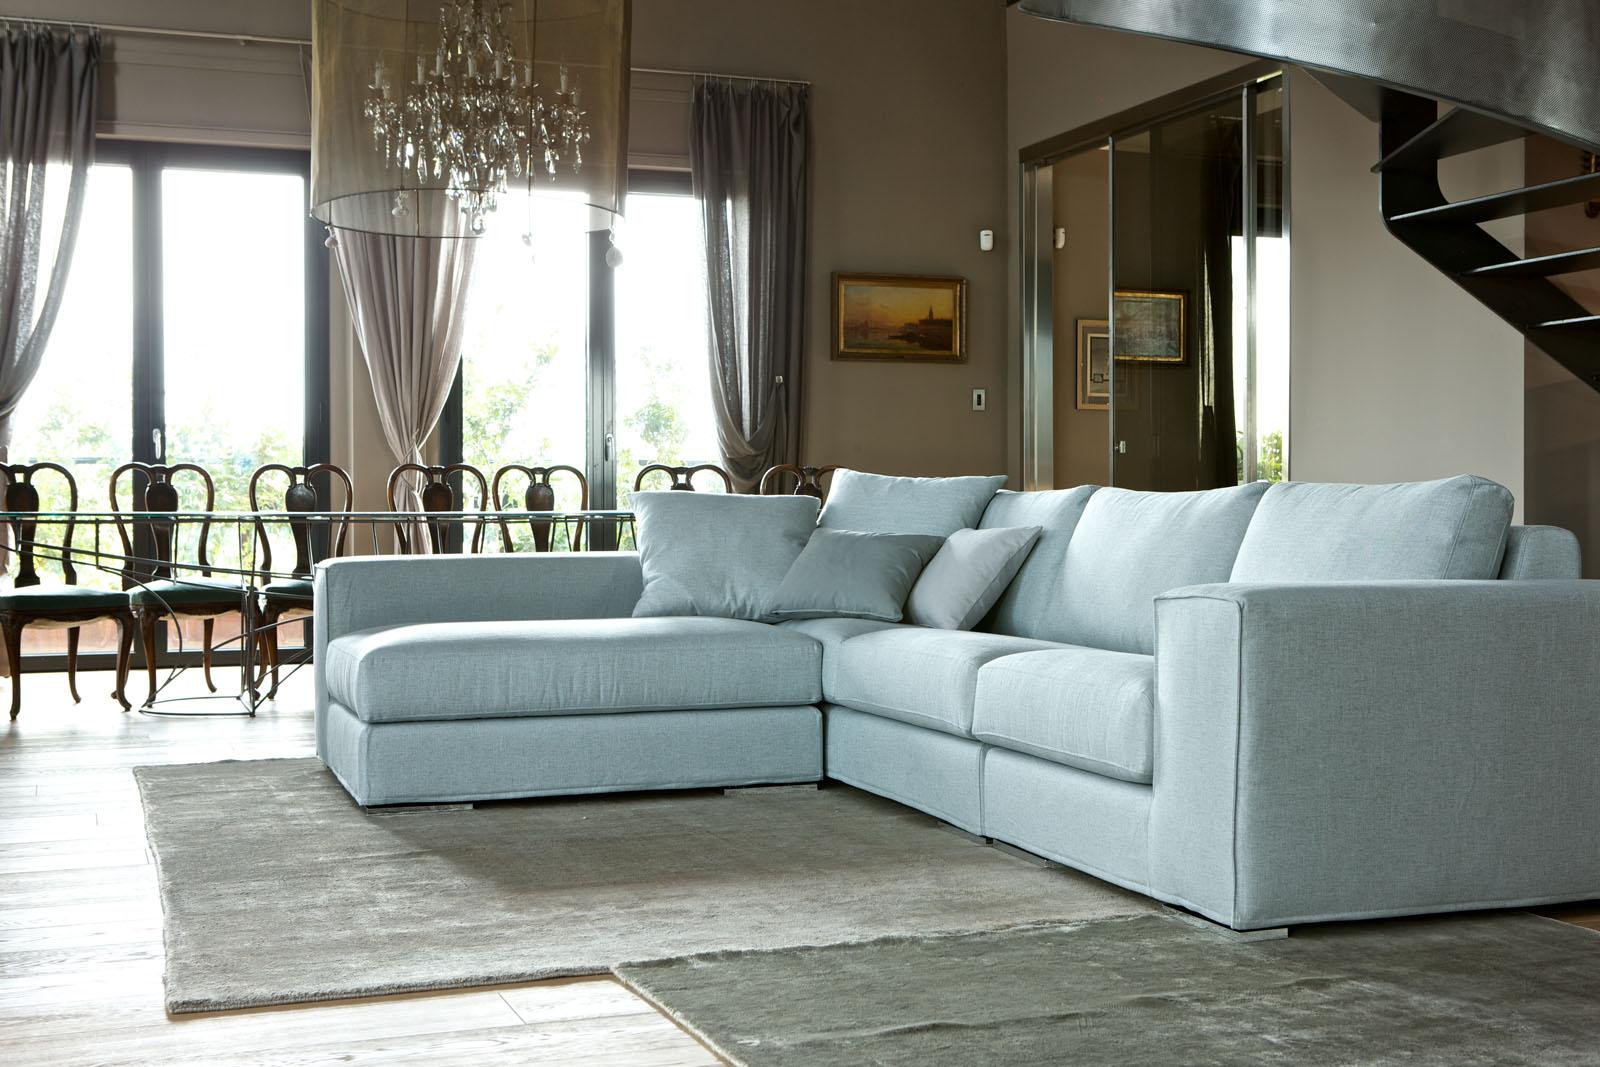 Divani blog tino mariani nuove immagini dei divani for Divani moderni